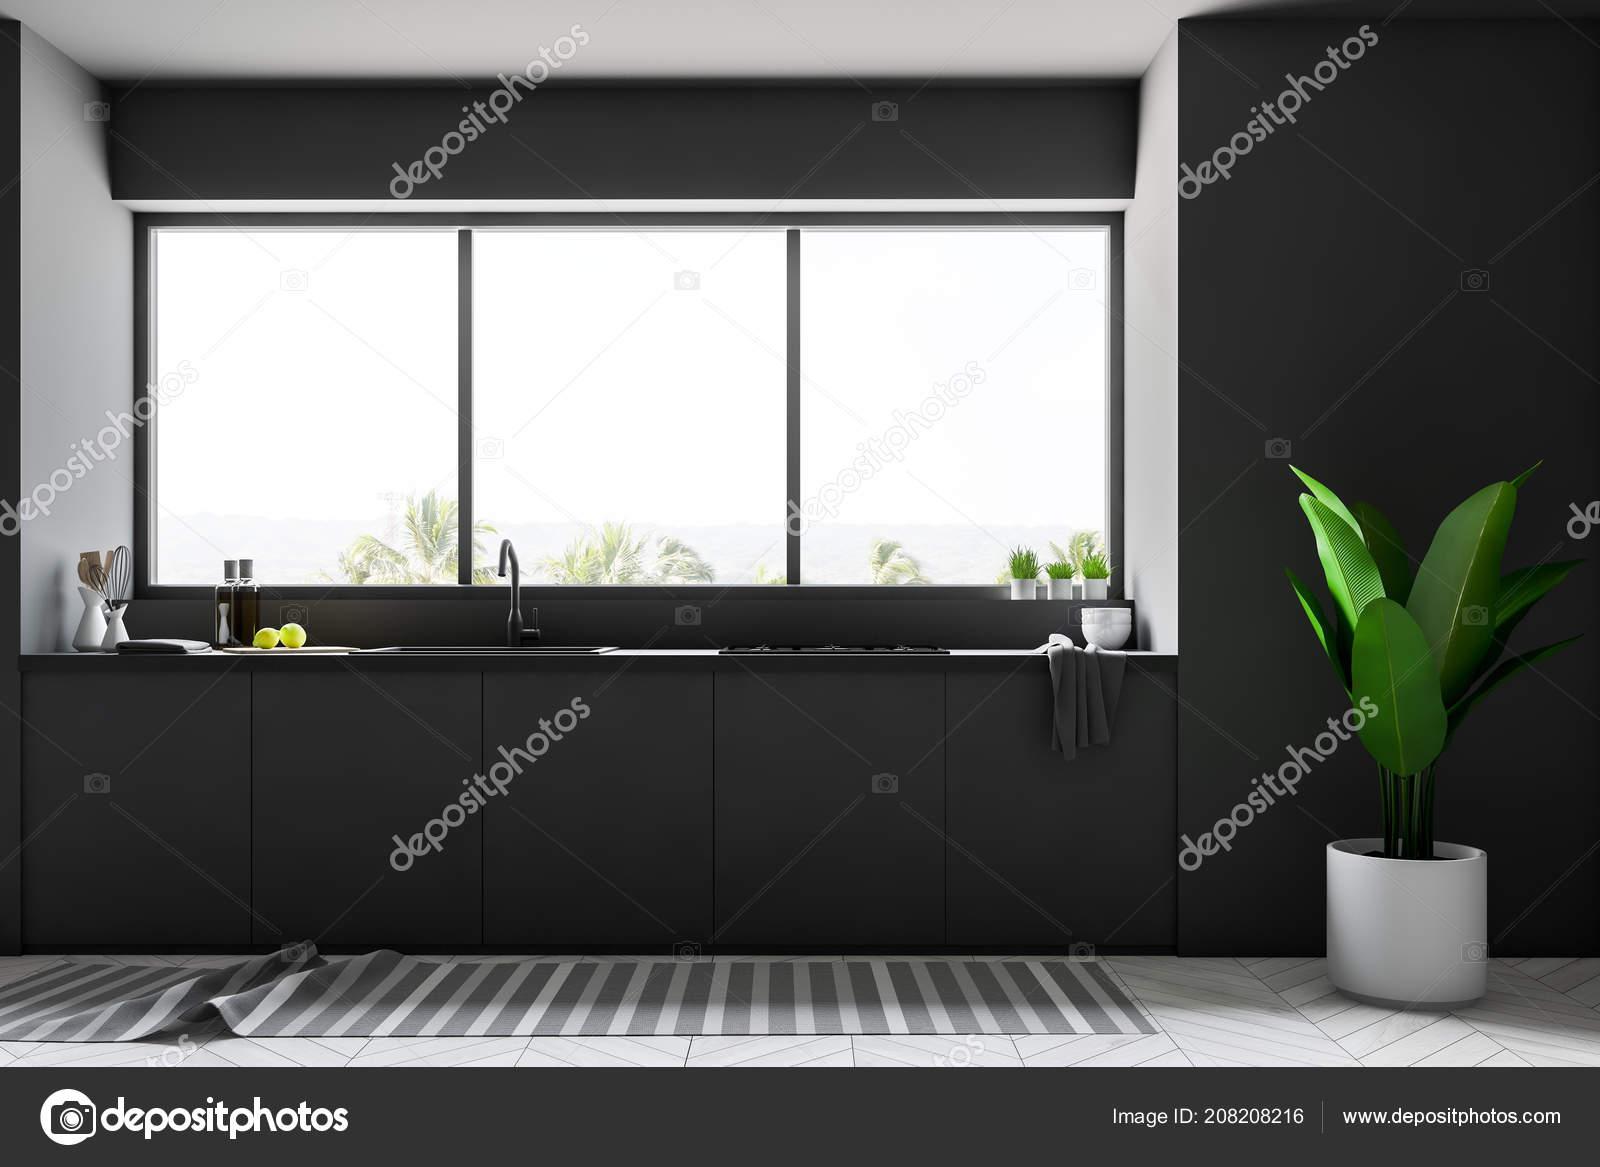 Piani Cucina Nera Sotto Una Finestra Con Una Vista Tropico ...